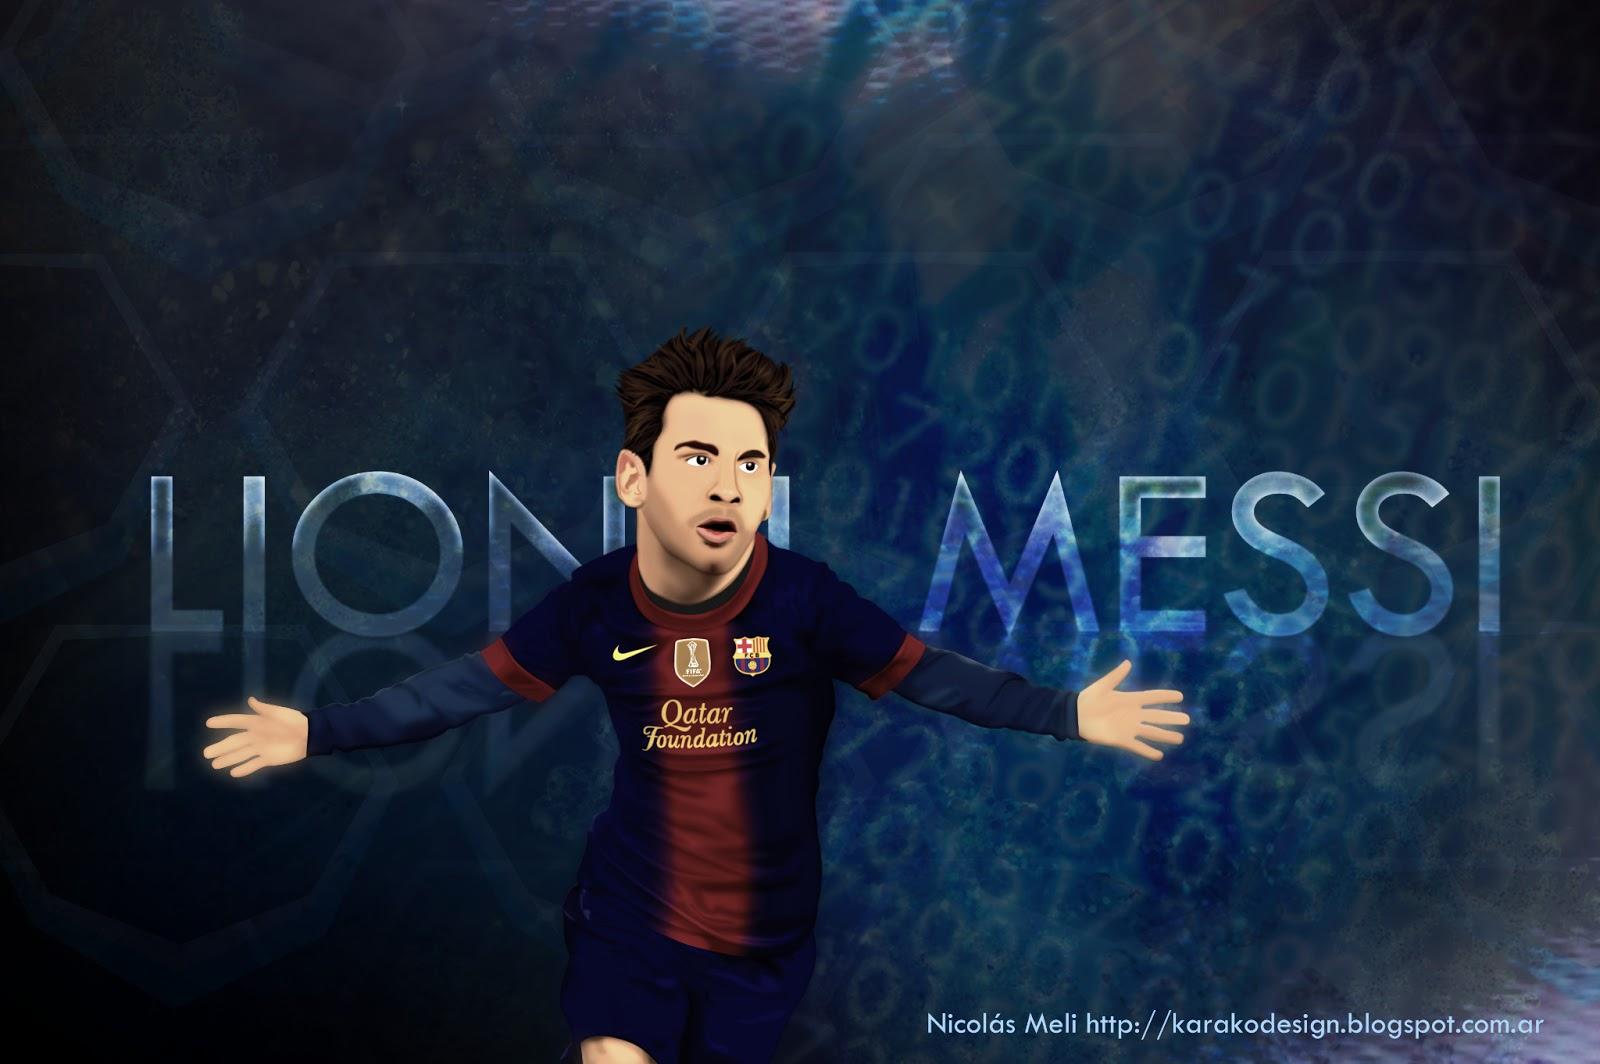 http://4.bp.blogspot.com/-KFVN37_JpDI/UO3n2QELSBI/AAAAAAAAC-0/2QDO8Q5Nhjk/s1600/Messi.png